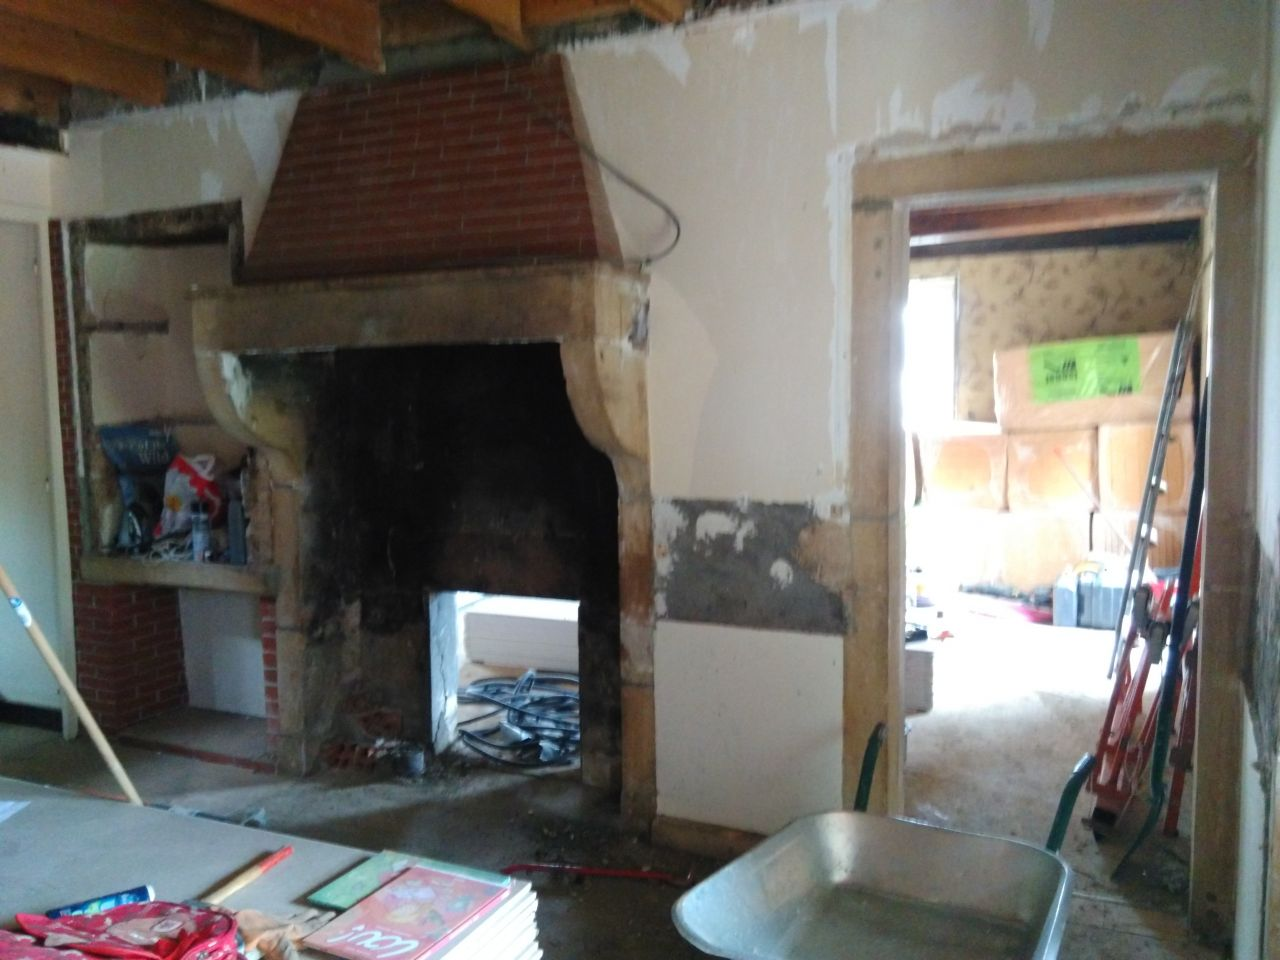 la cheminée enfin propre, en haut, on ne peut pas faire sauter la brique, c'est blindé de beton ! on va donc cofrer